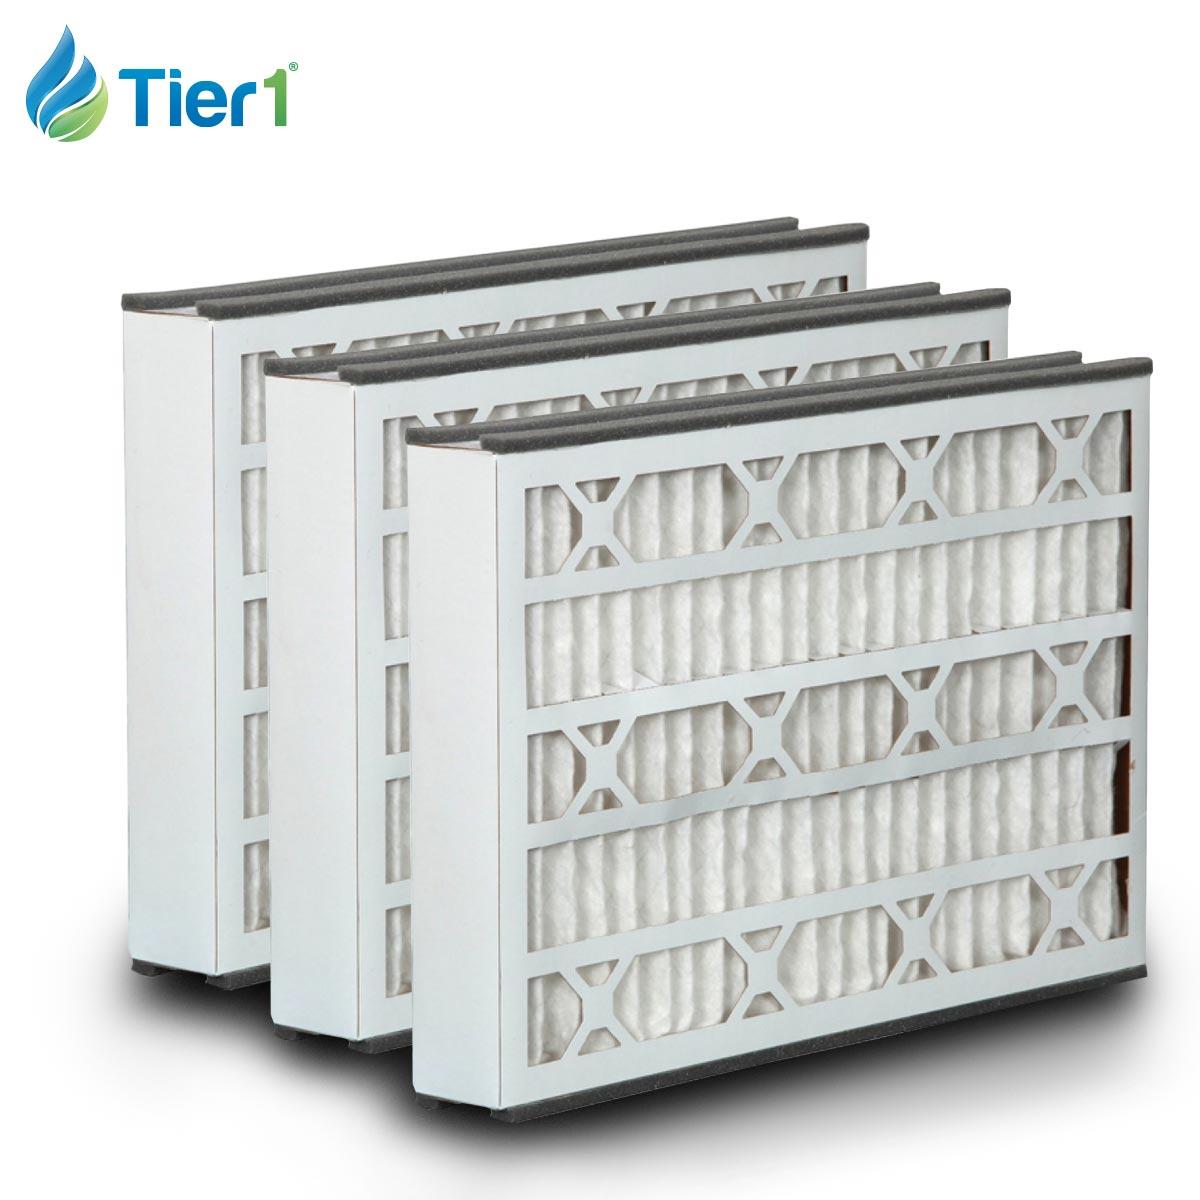 Carrier 16x25x3 Merv 8 Replacement Ac Furnace Air Filter